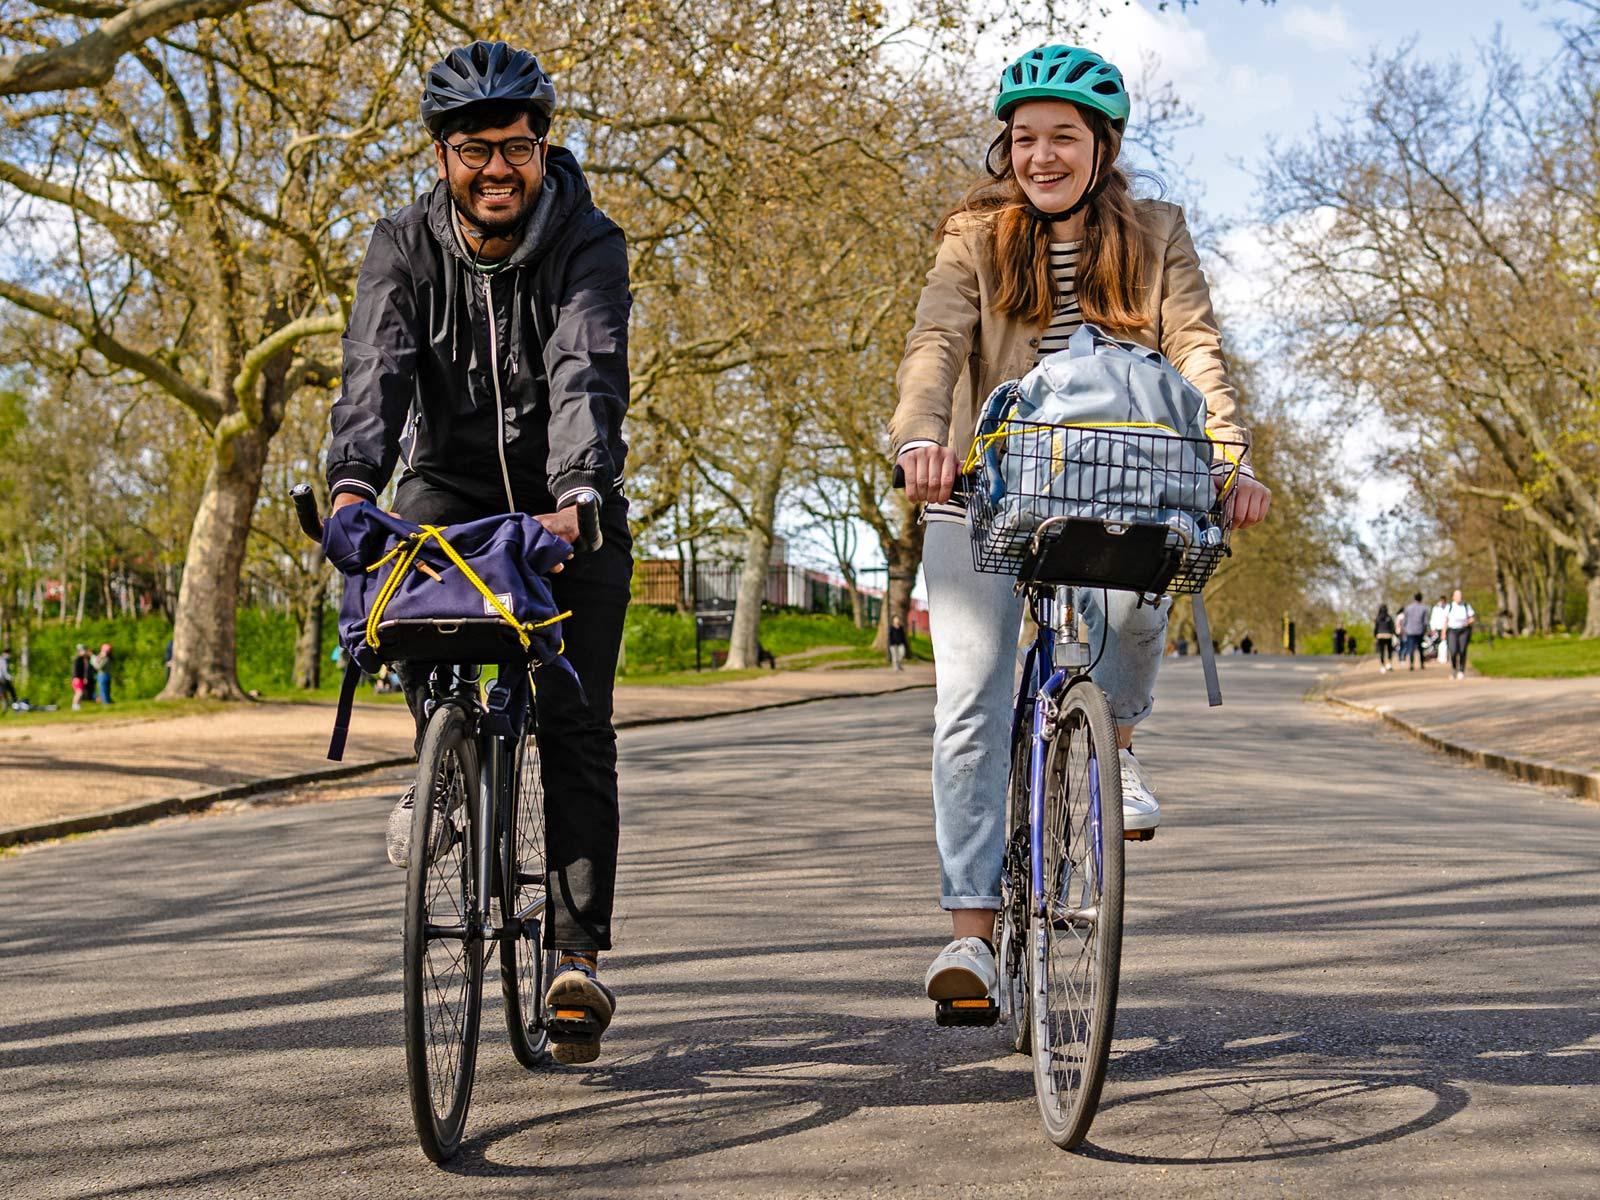 Jack The Bike Rack evrensel uyumlu aletsiz çelik boru kayışlı ön raf, kentsel